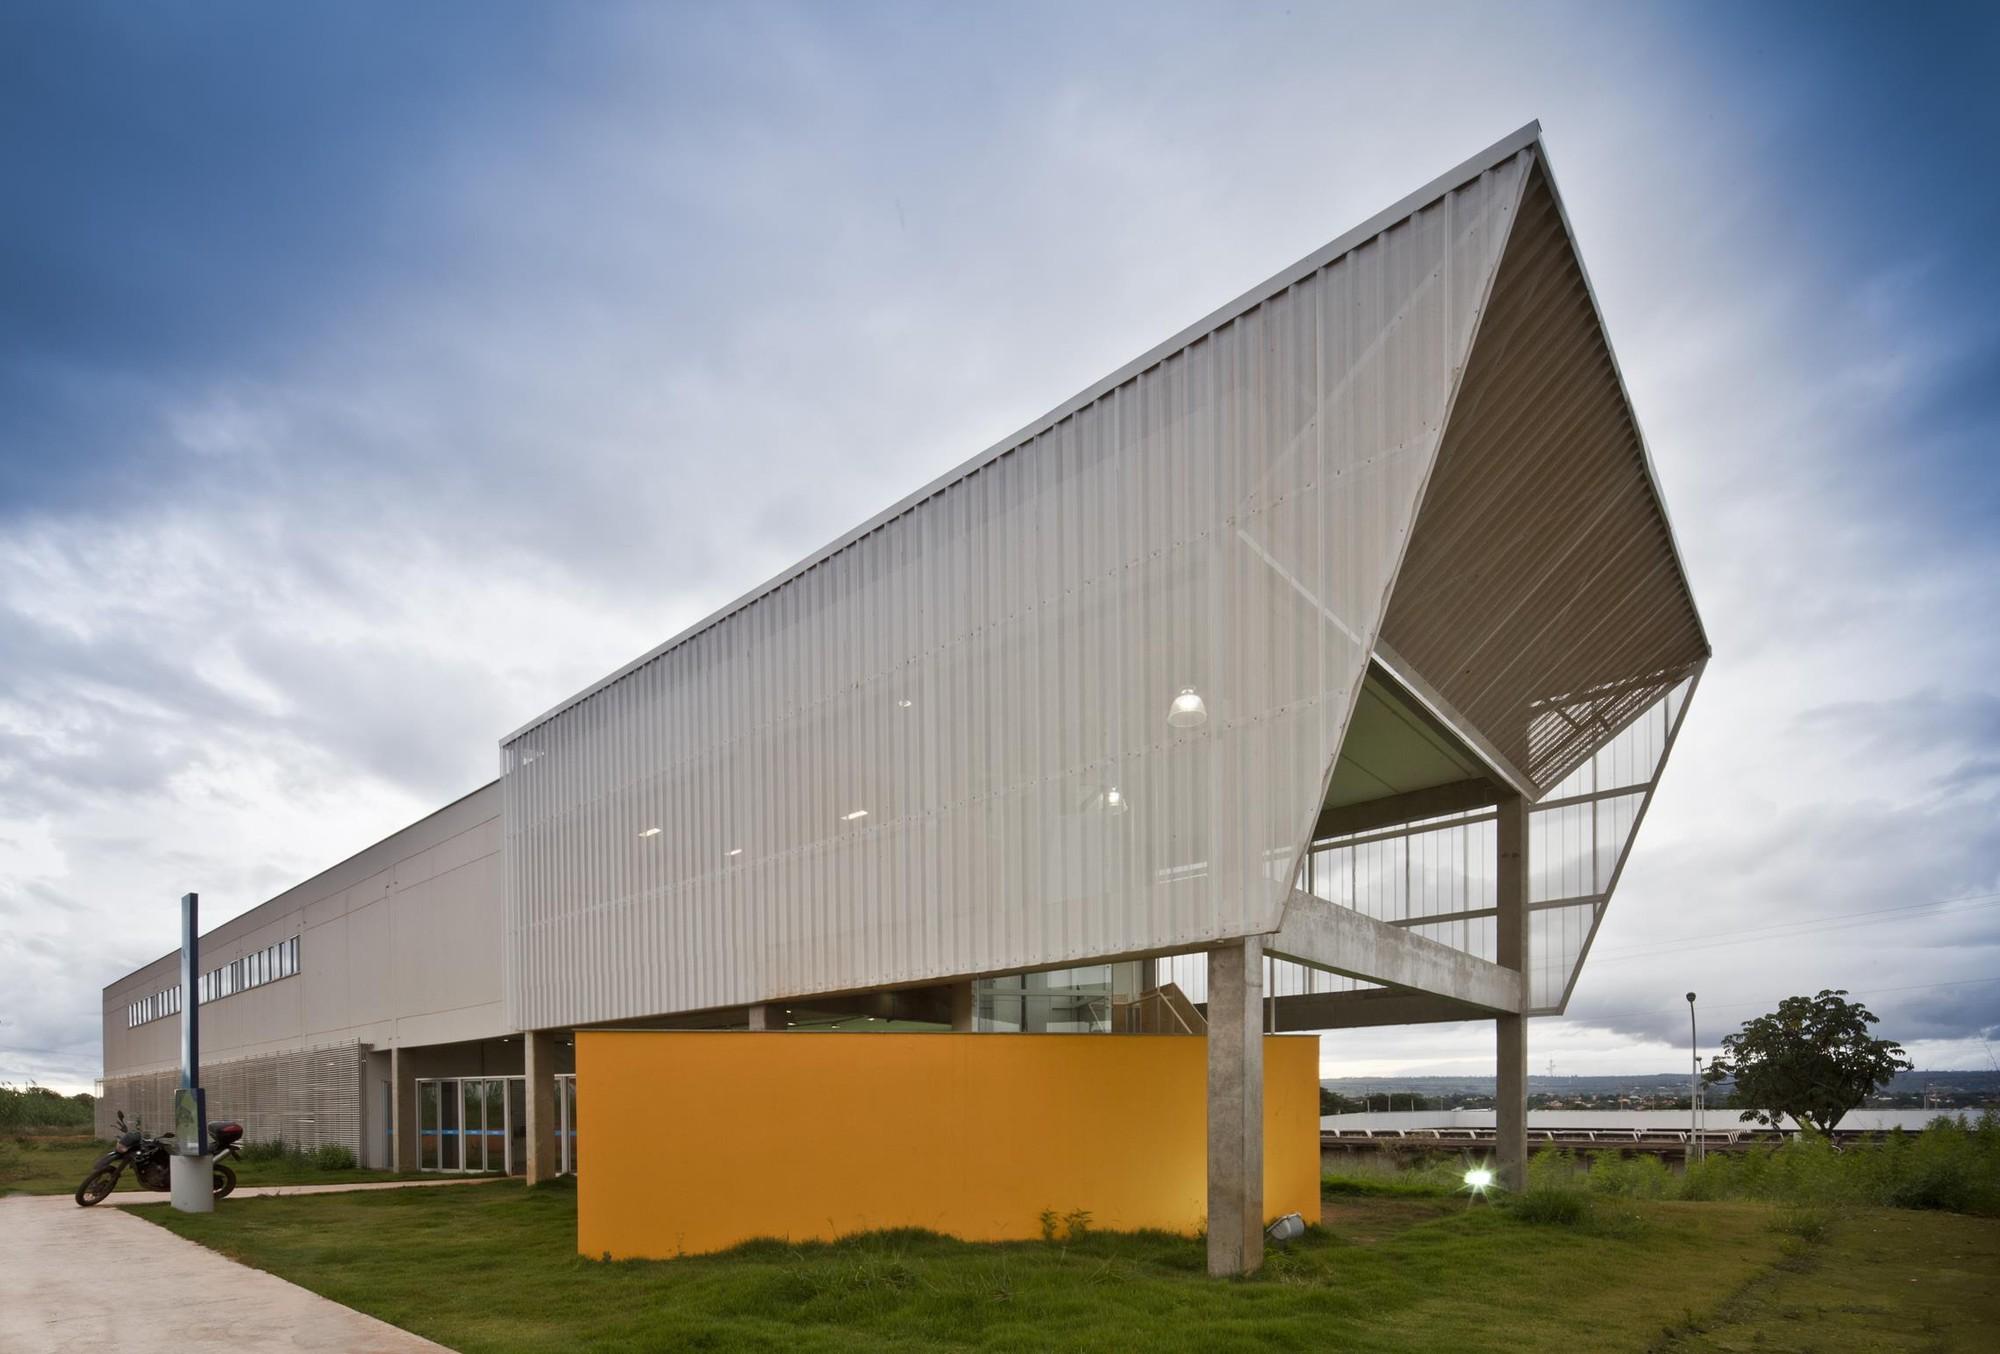 Bloque de salas de aula norte ceplan plataforma for Plataforma de arquitectura